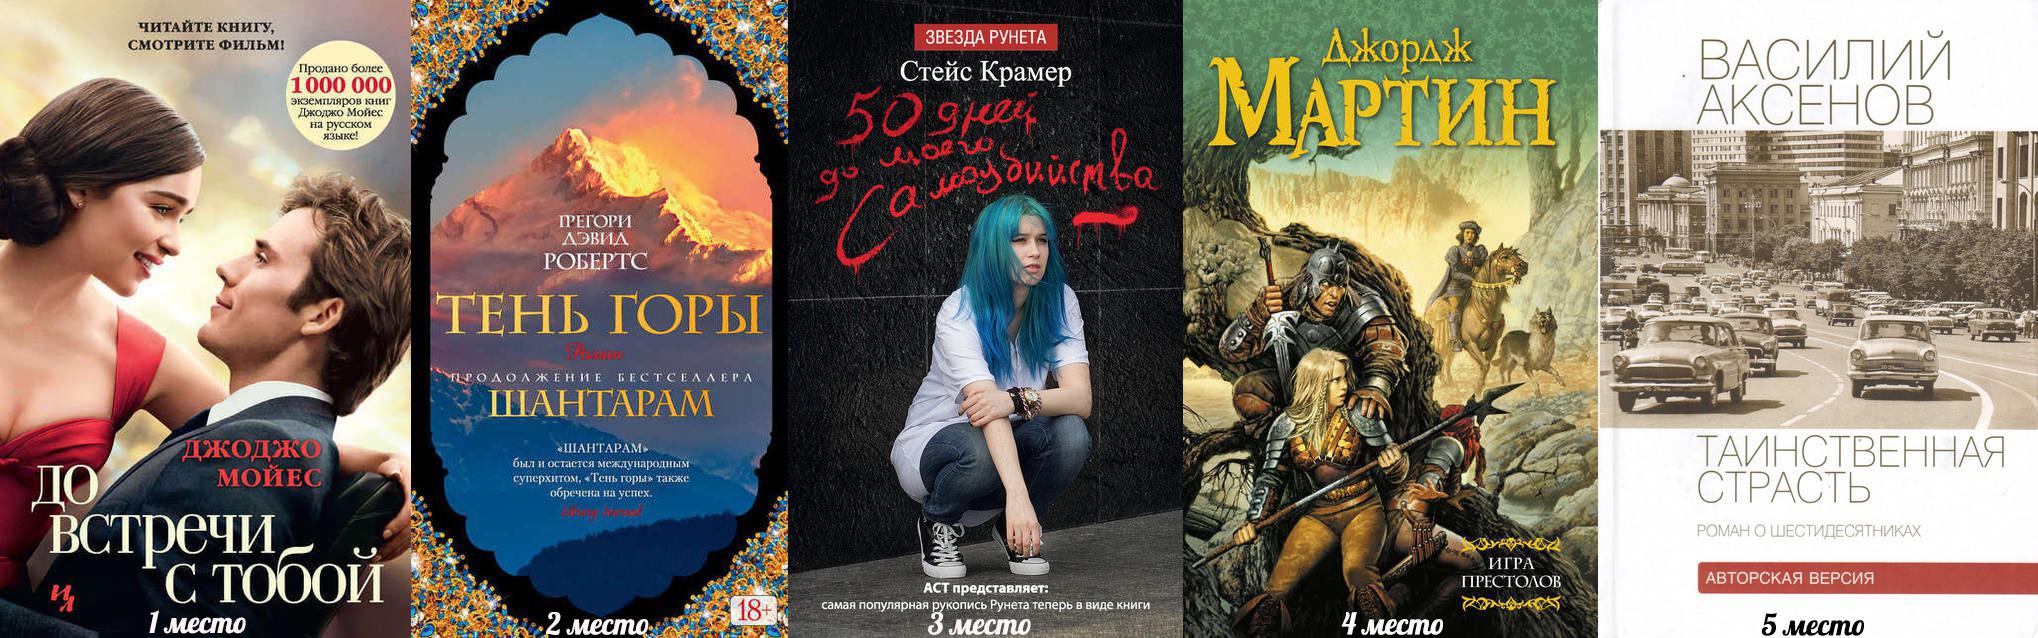 список ссмых популярных книг цены узнать распродаже